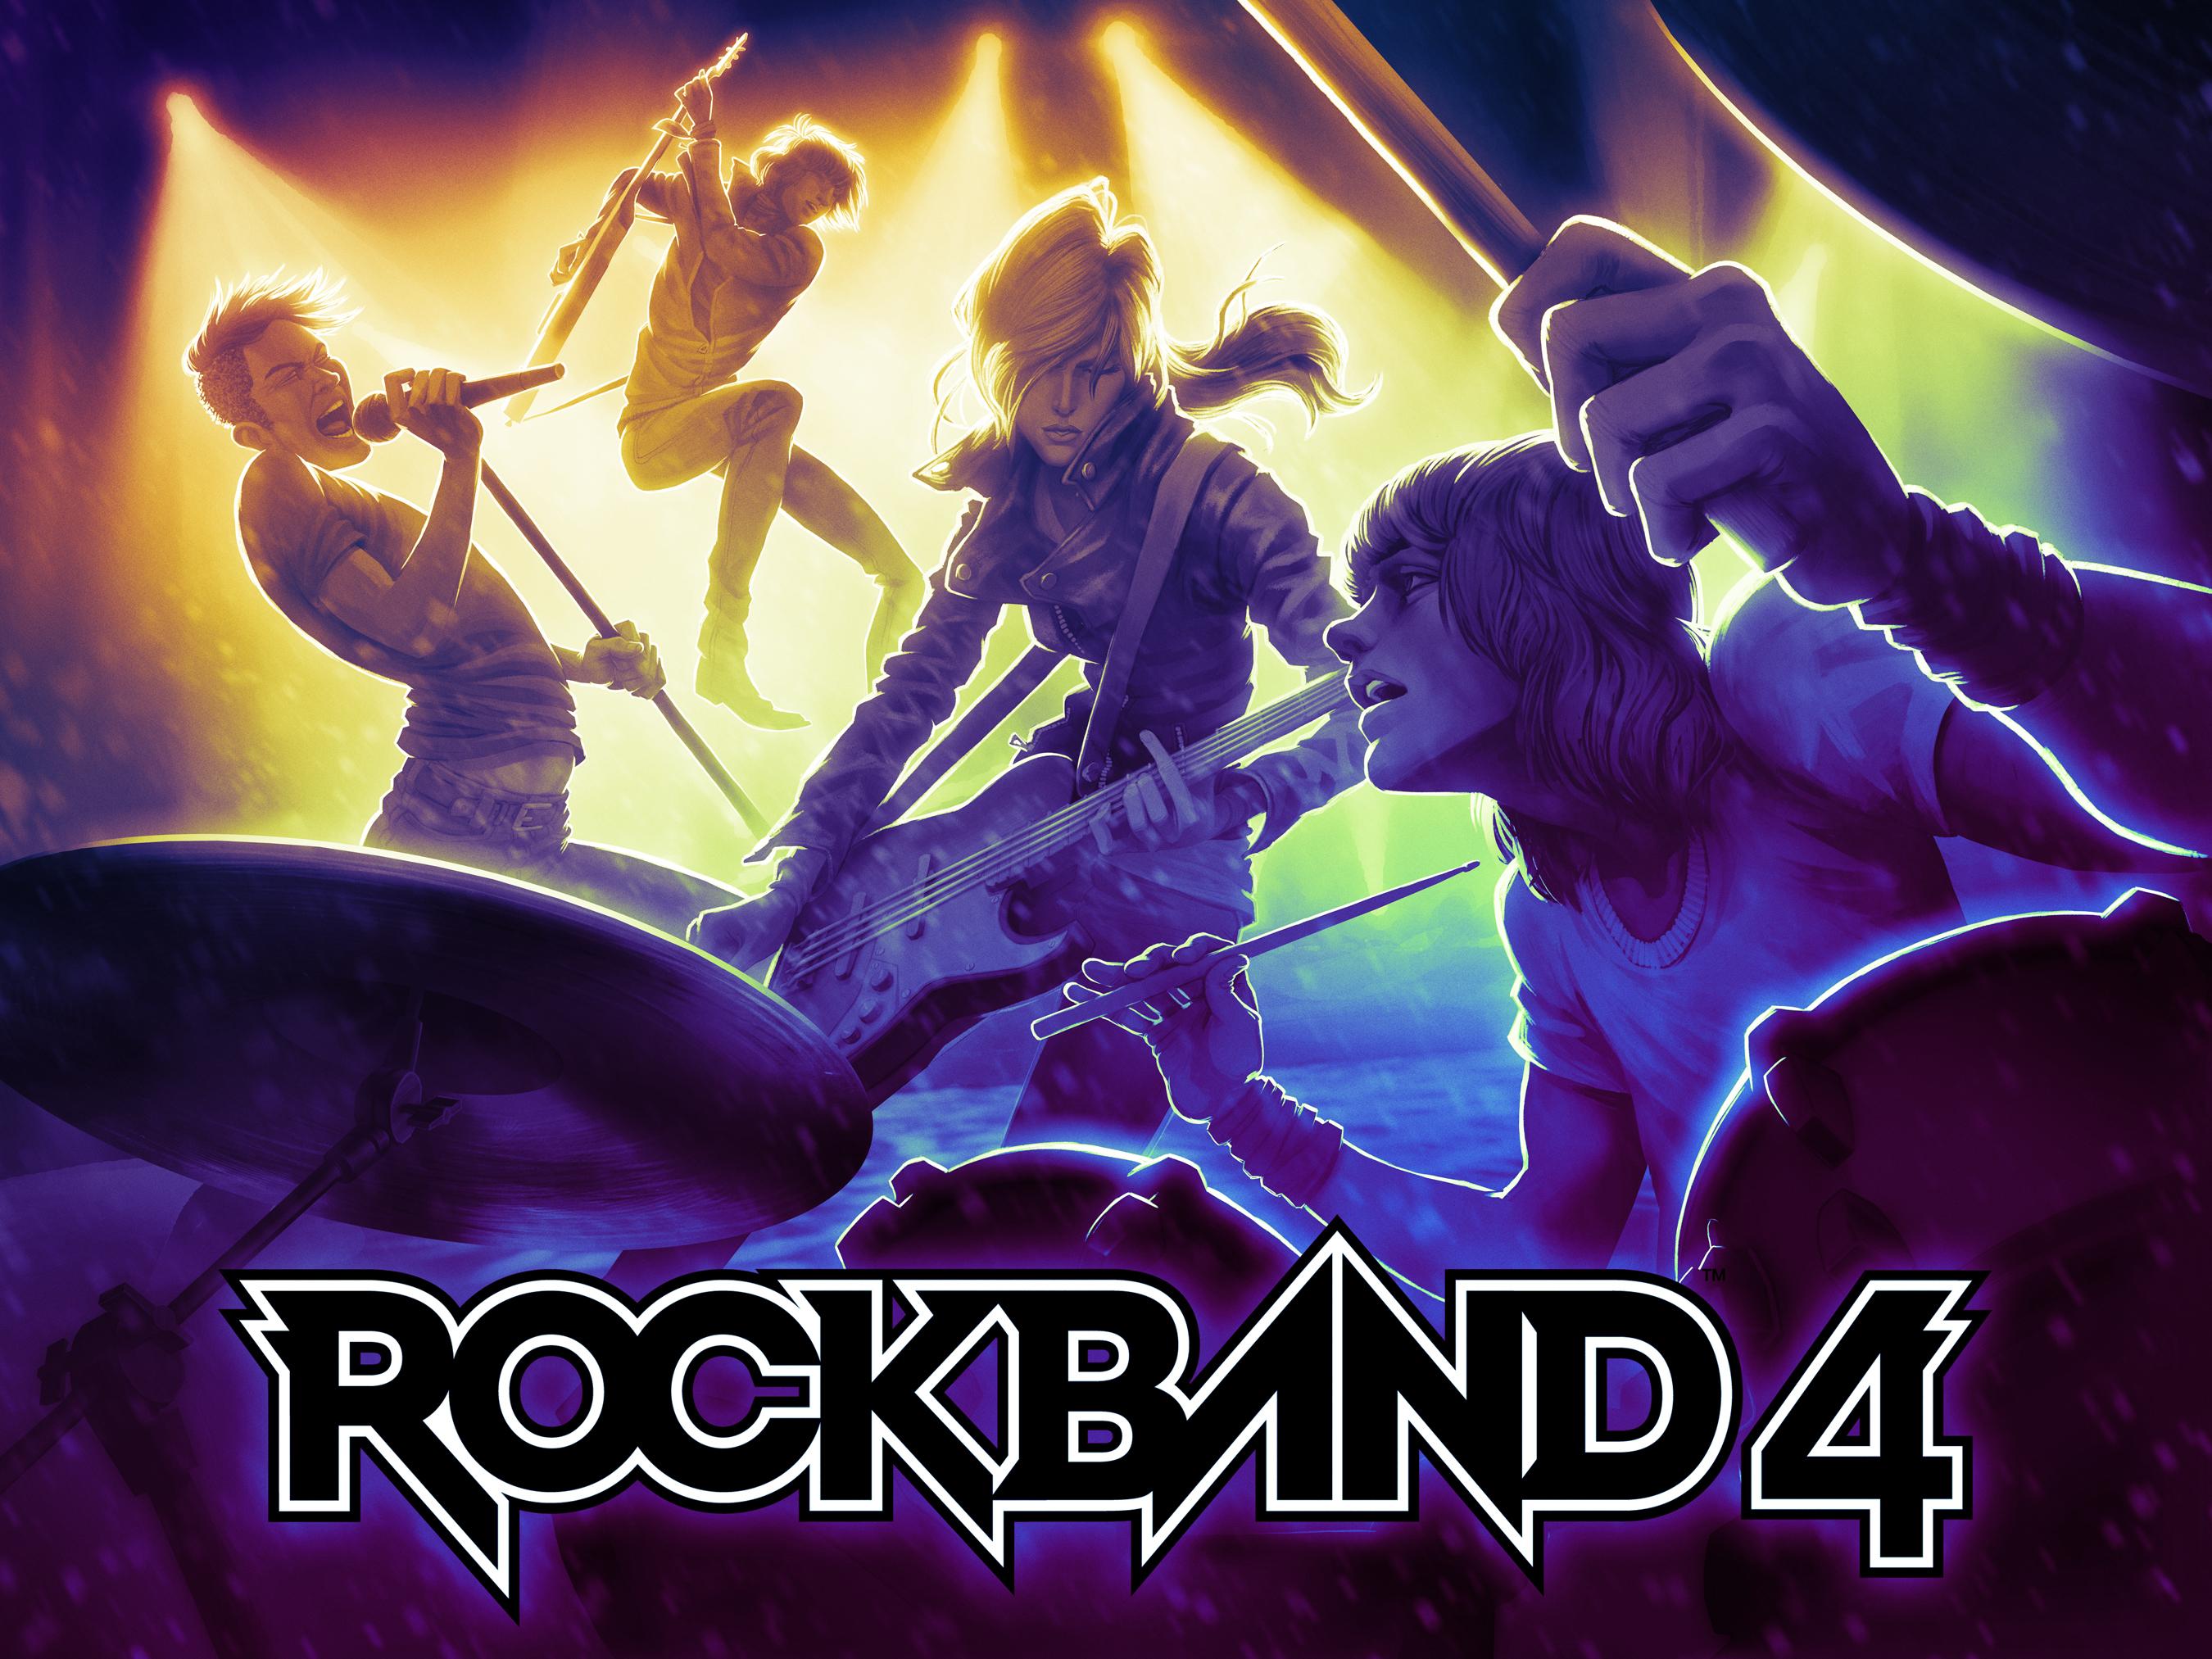 rockband4-promo-illus36yuv.jpg